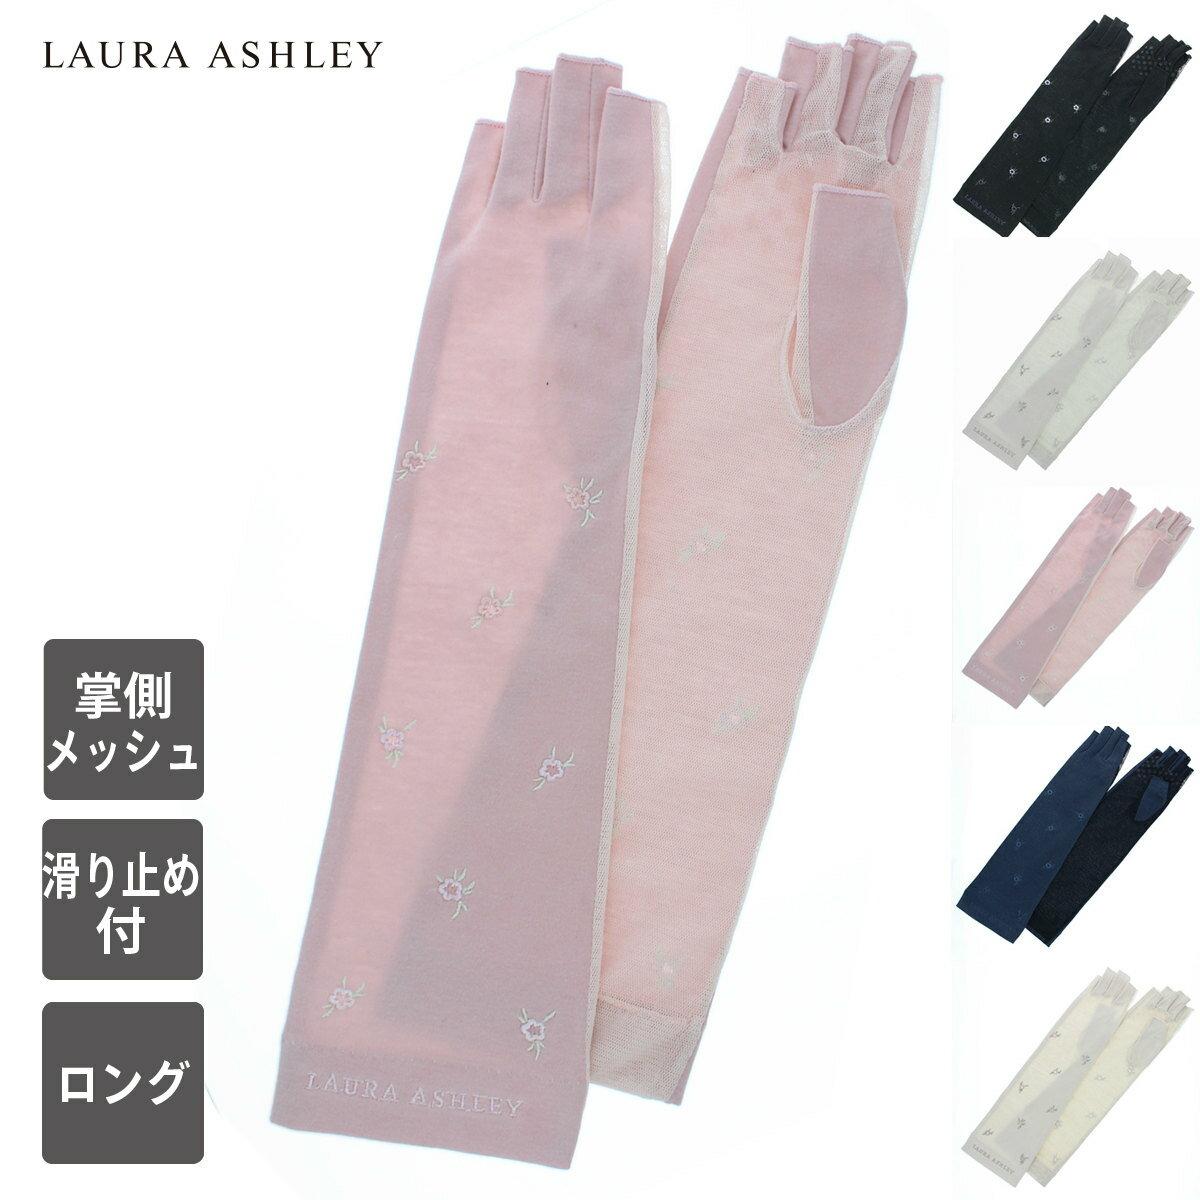 ローラ アシュレイ 指切り UVカット UV手袋   てぶくろ ギフト プレゼント 36cm ロング丈 甲側 綿100% 掌側 メッシュ おしゃれ 通勤 通学